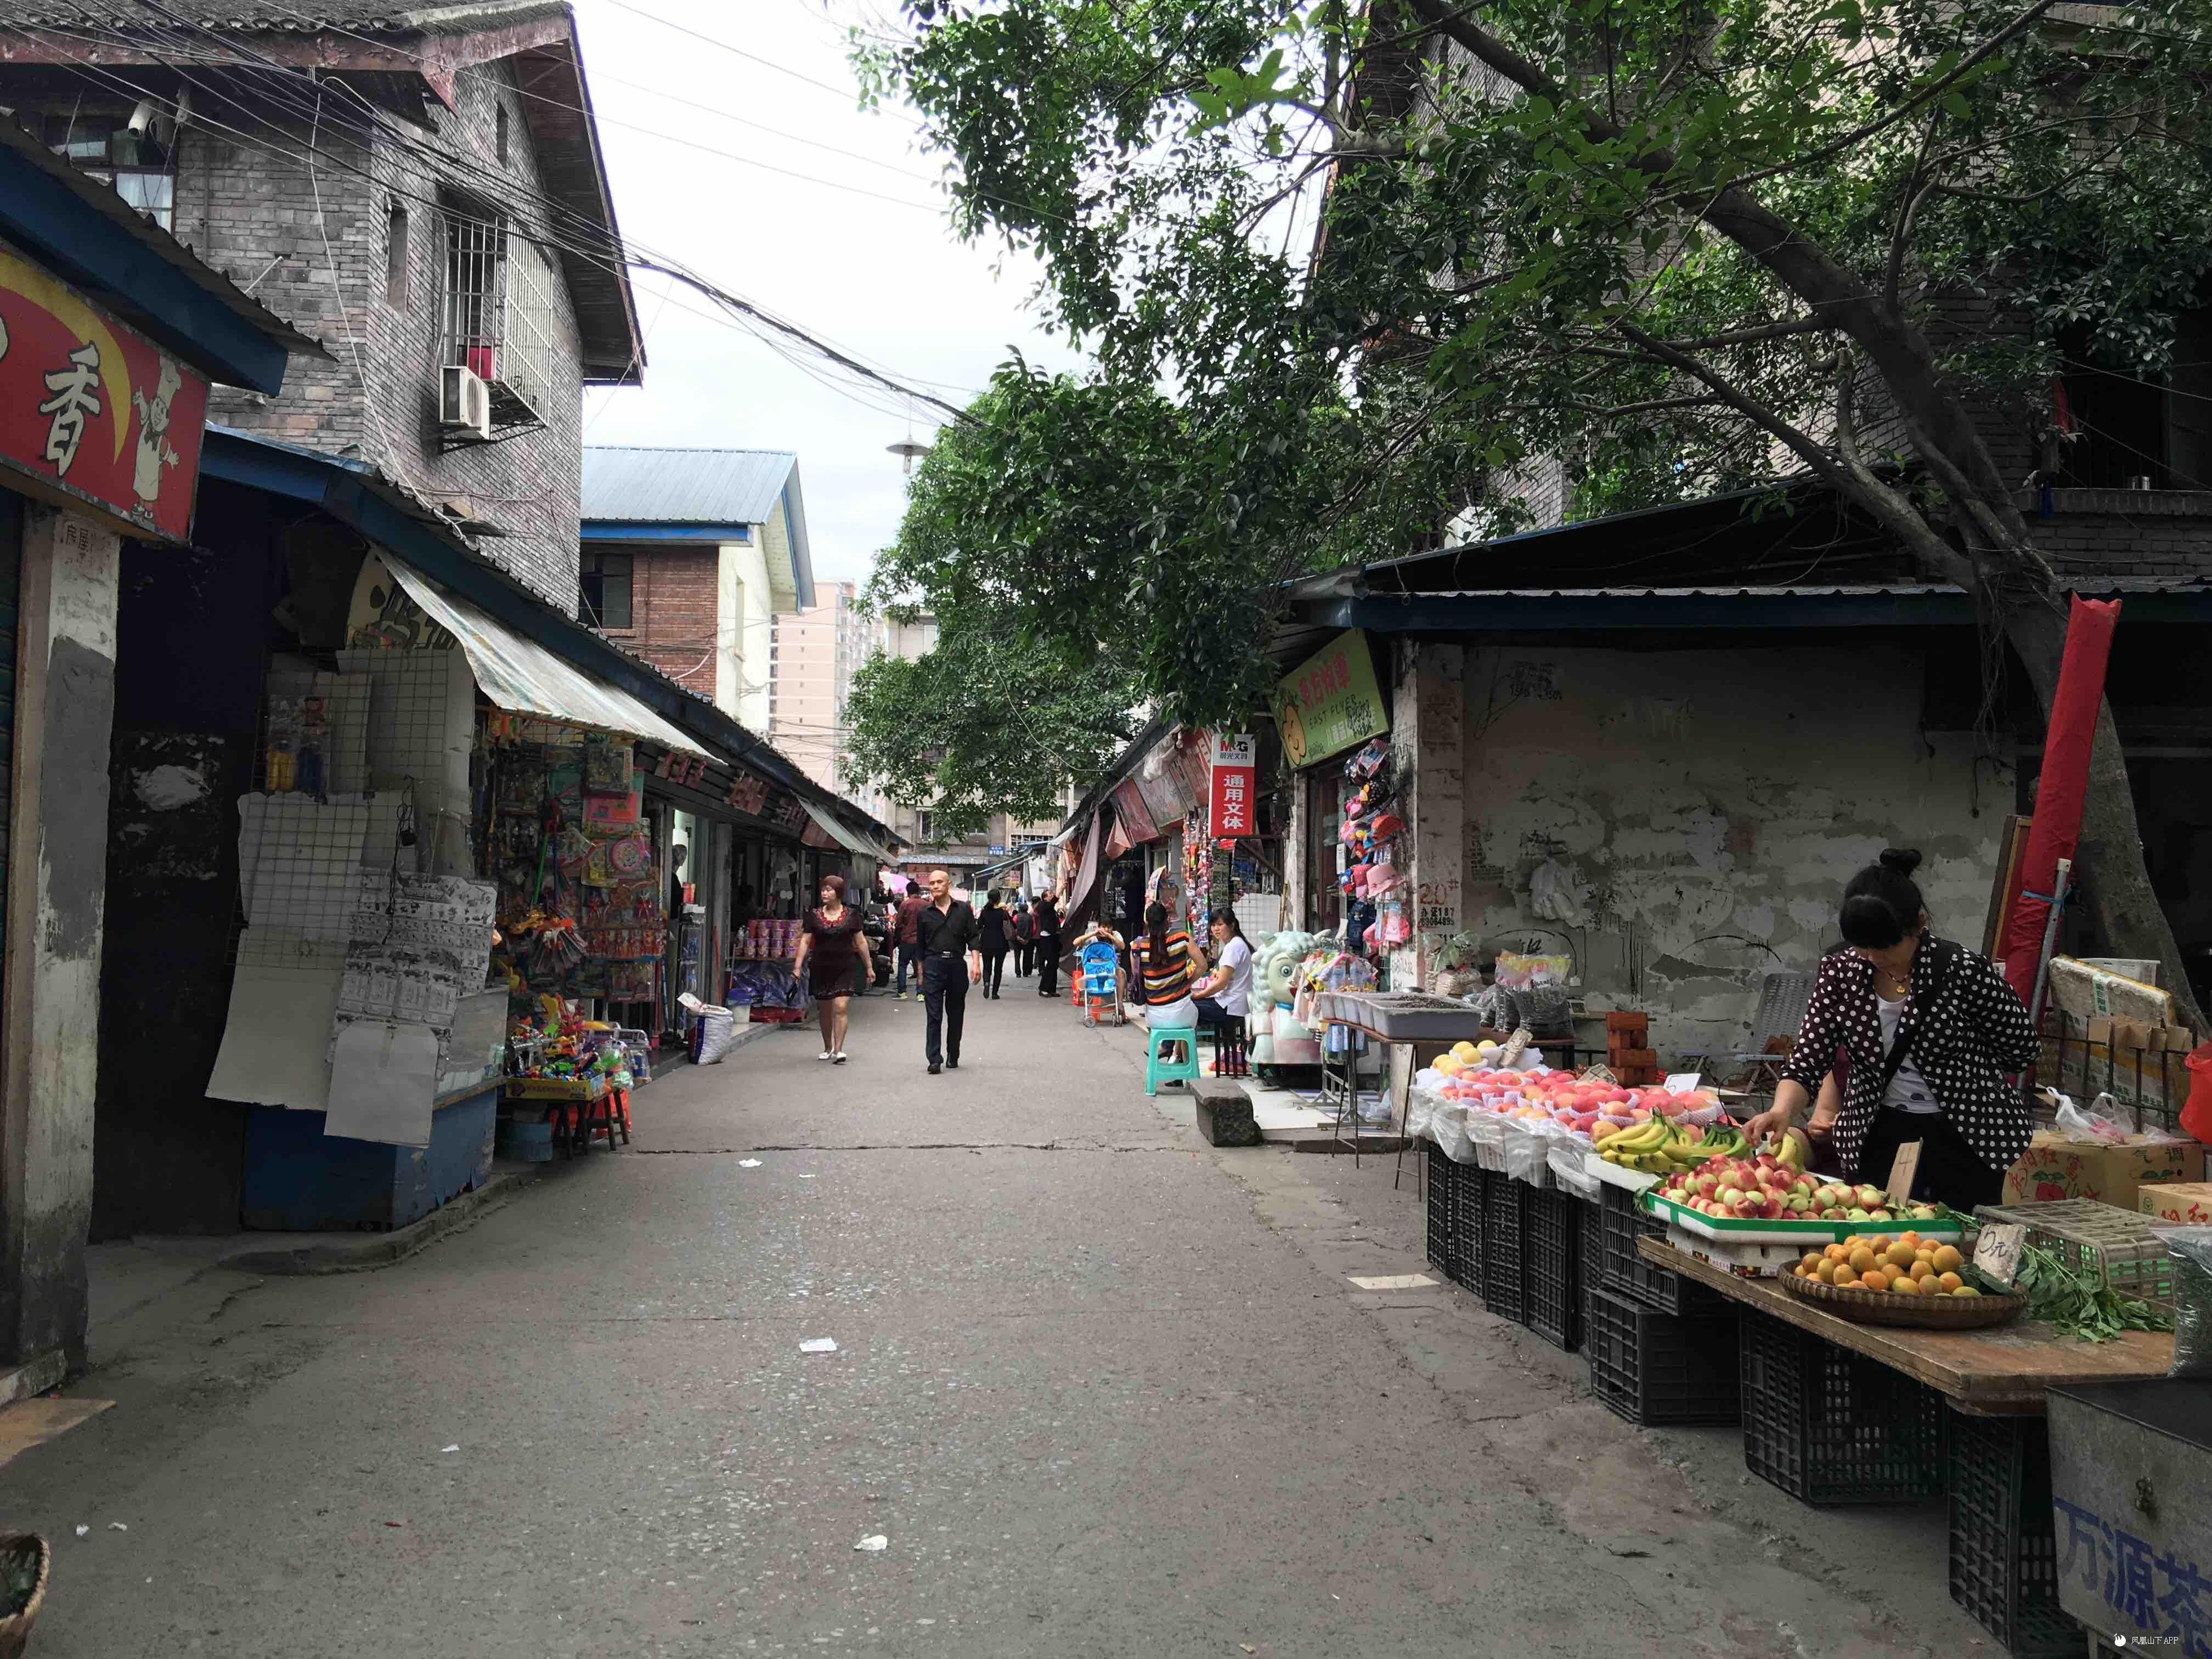 壁纸 风景 古镇 建筑 街道 旅游 摄影 小巷 4032_3024